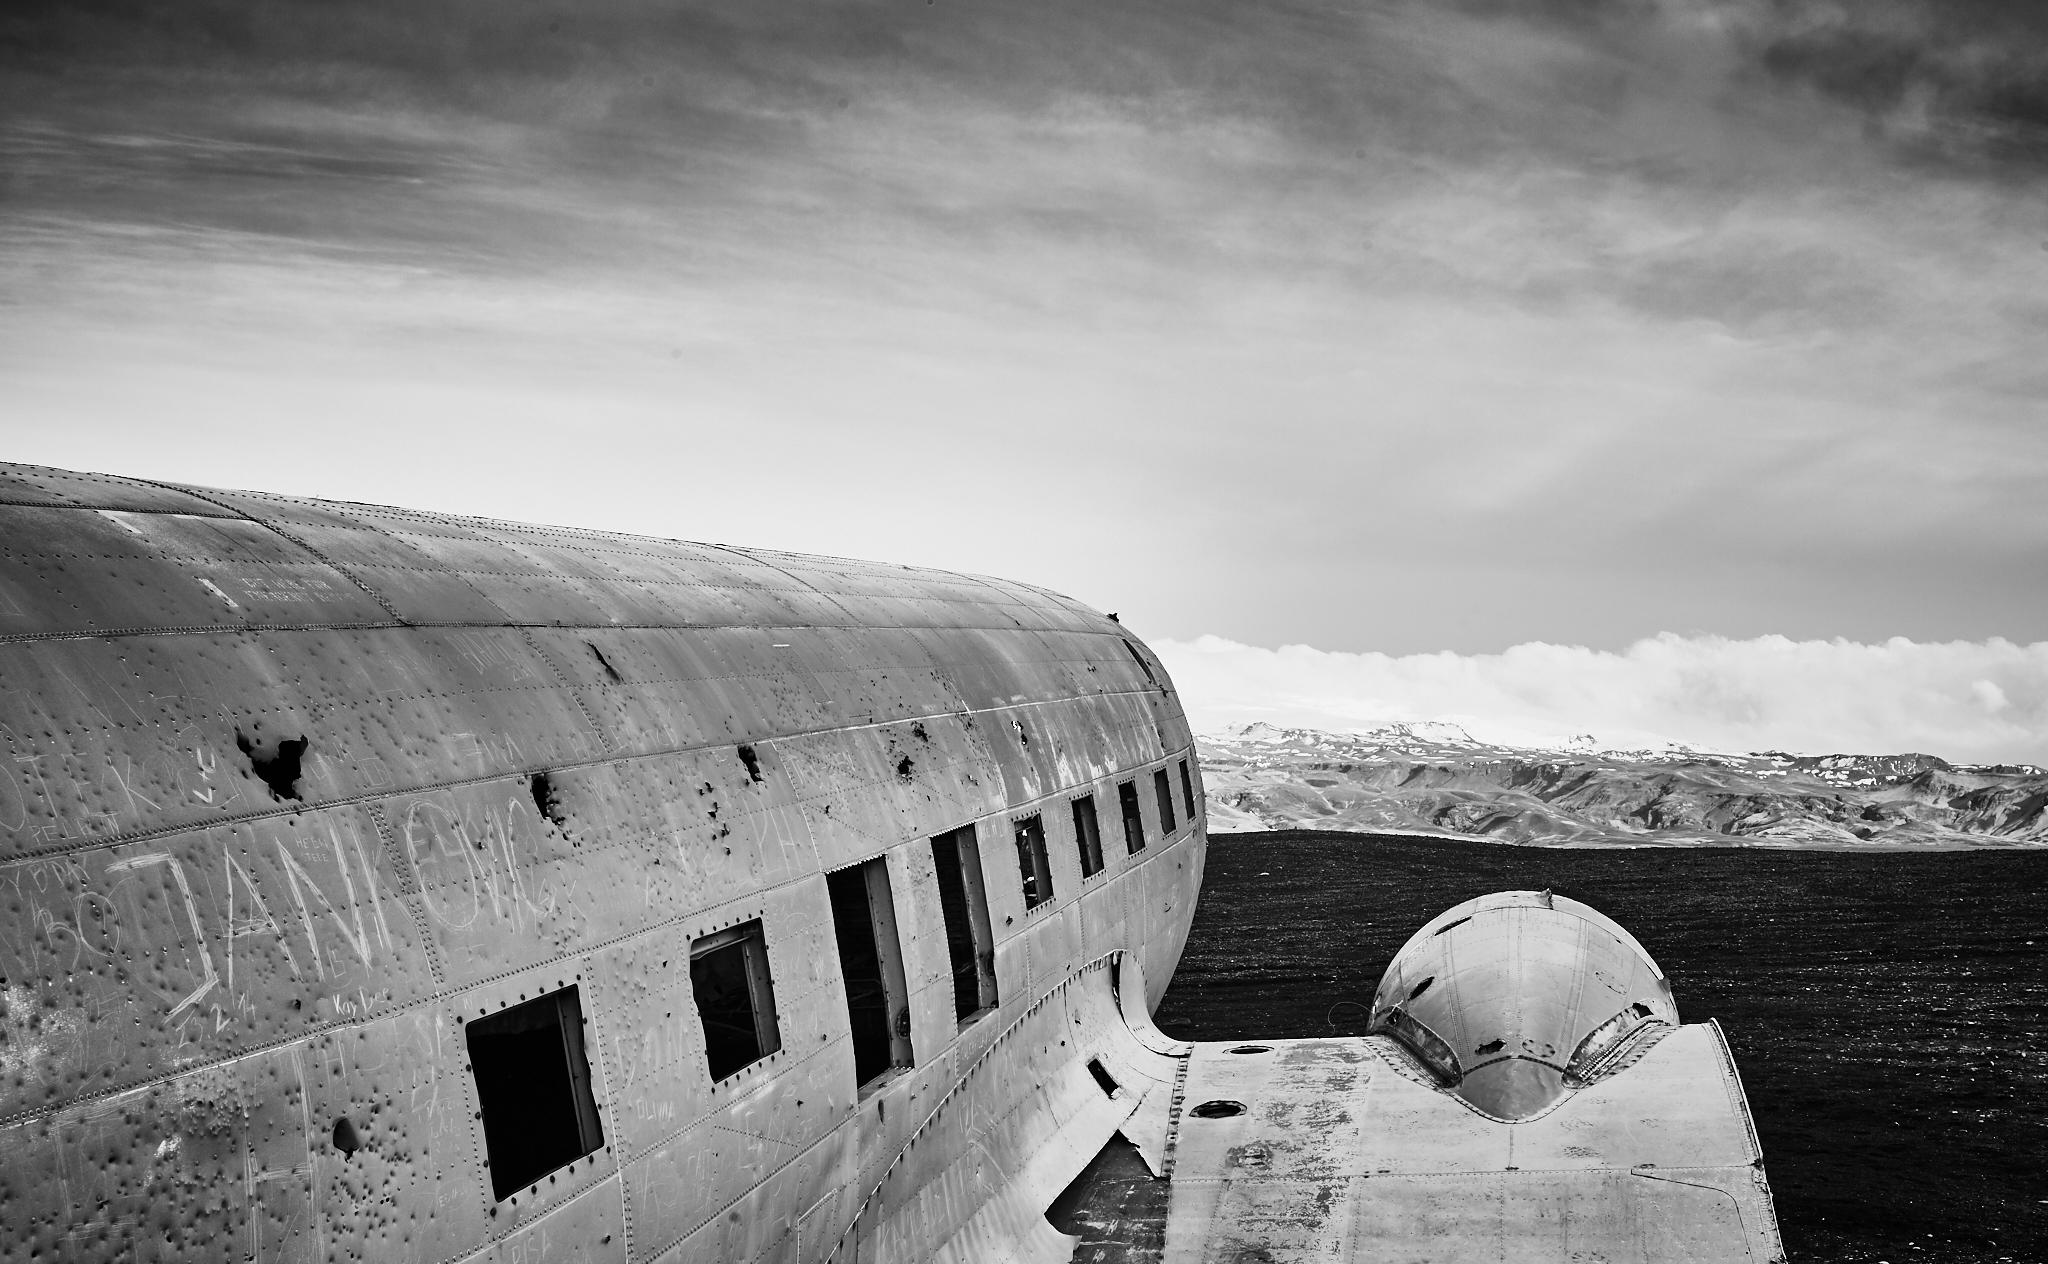 DC-3 Wreck site, Sólheimasandur, Iceland